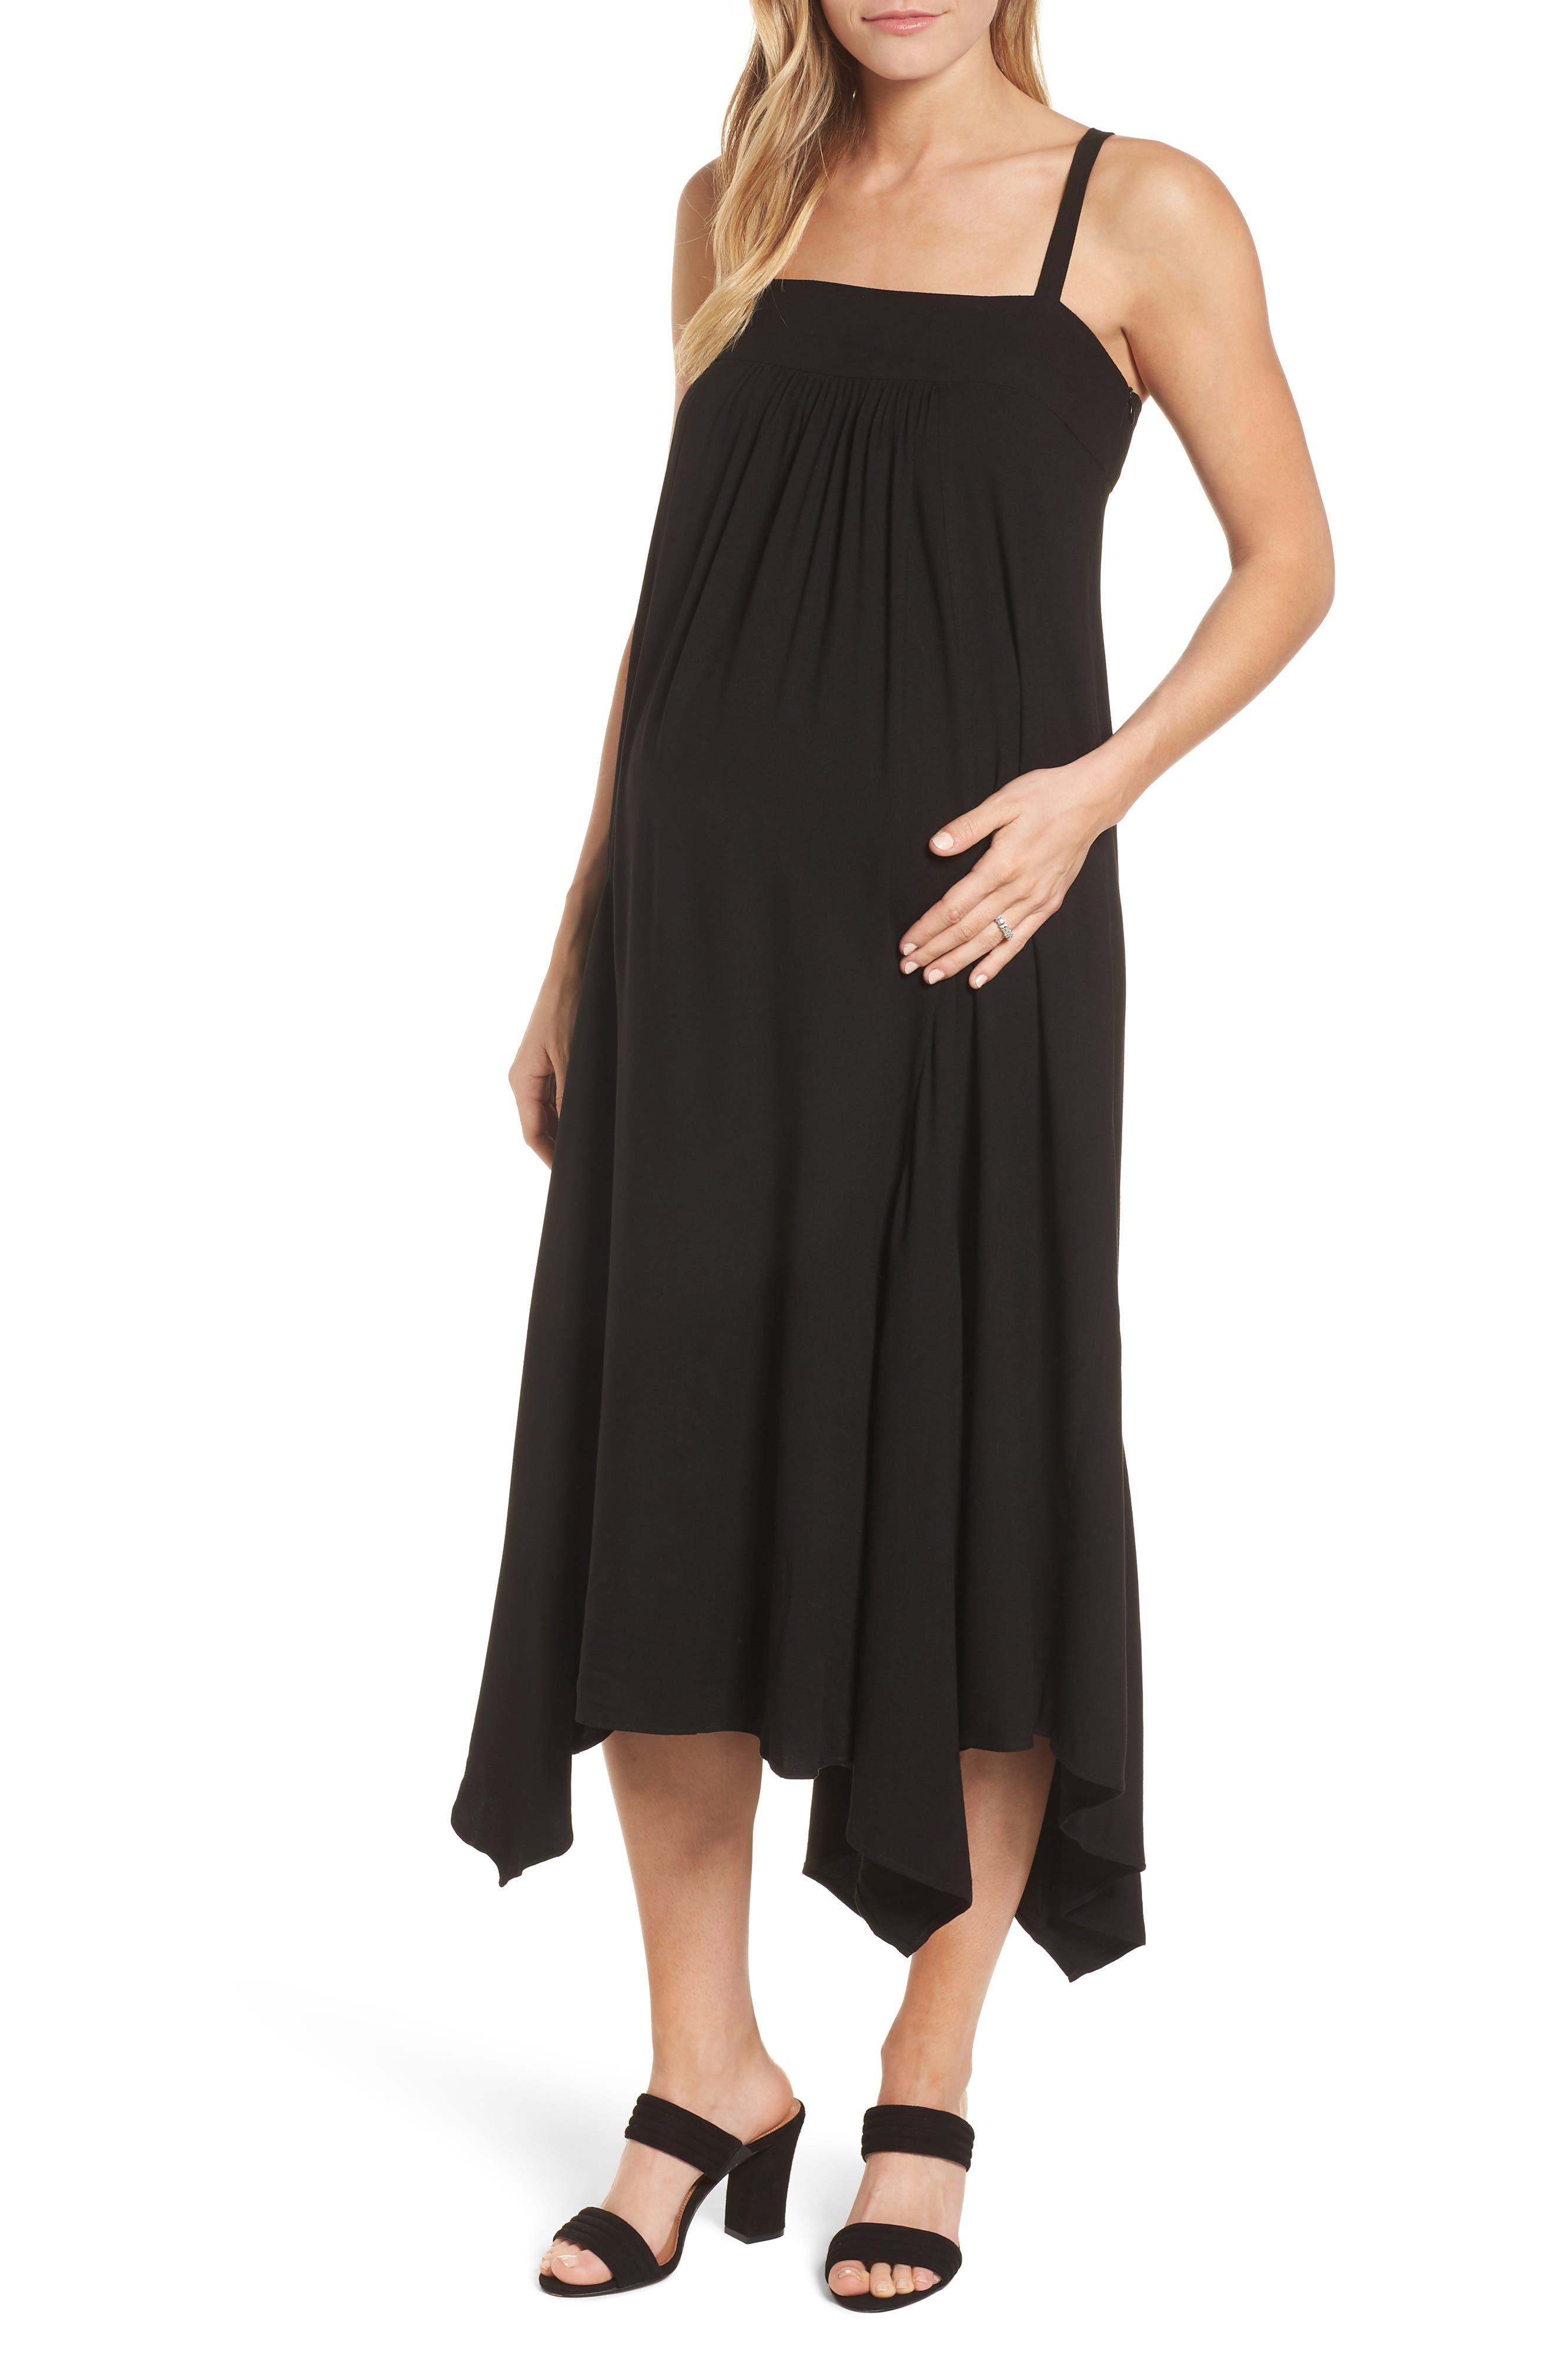 Carey Handkerchief Hem Maternity Dress